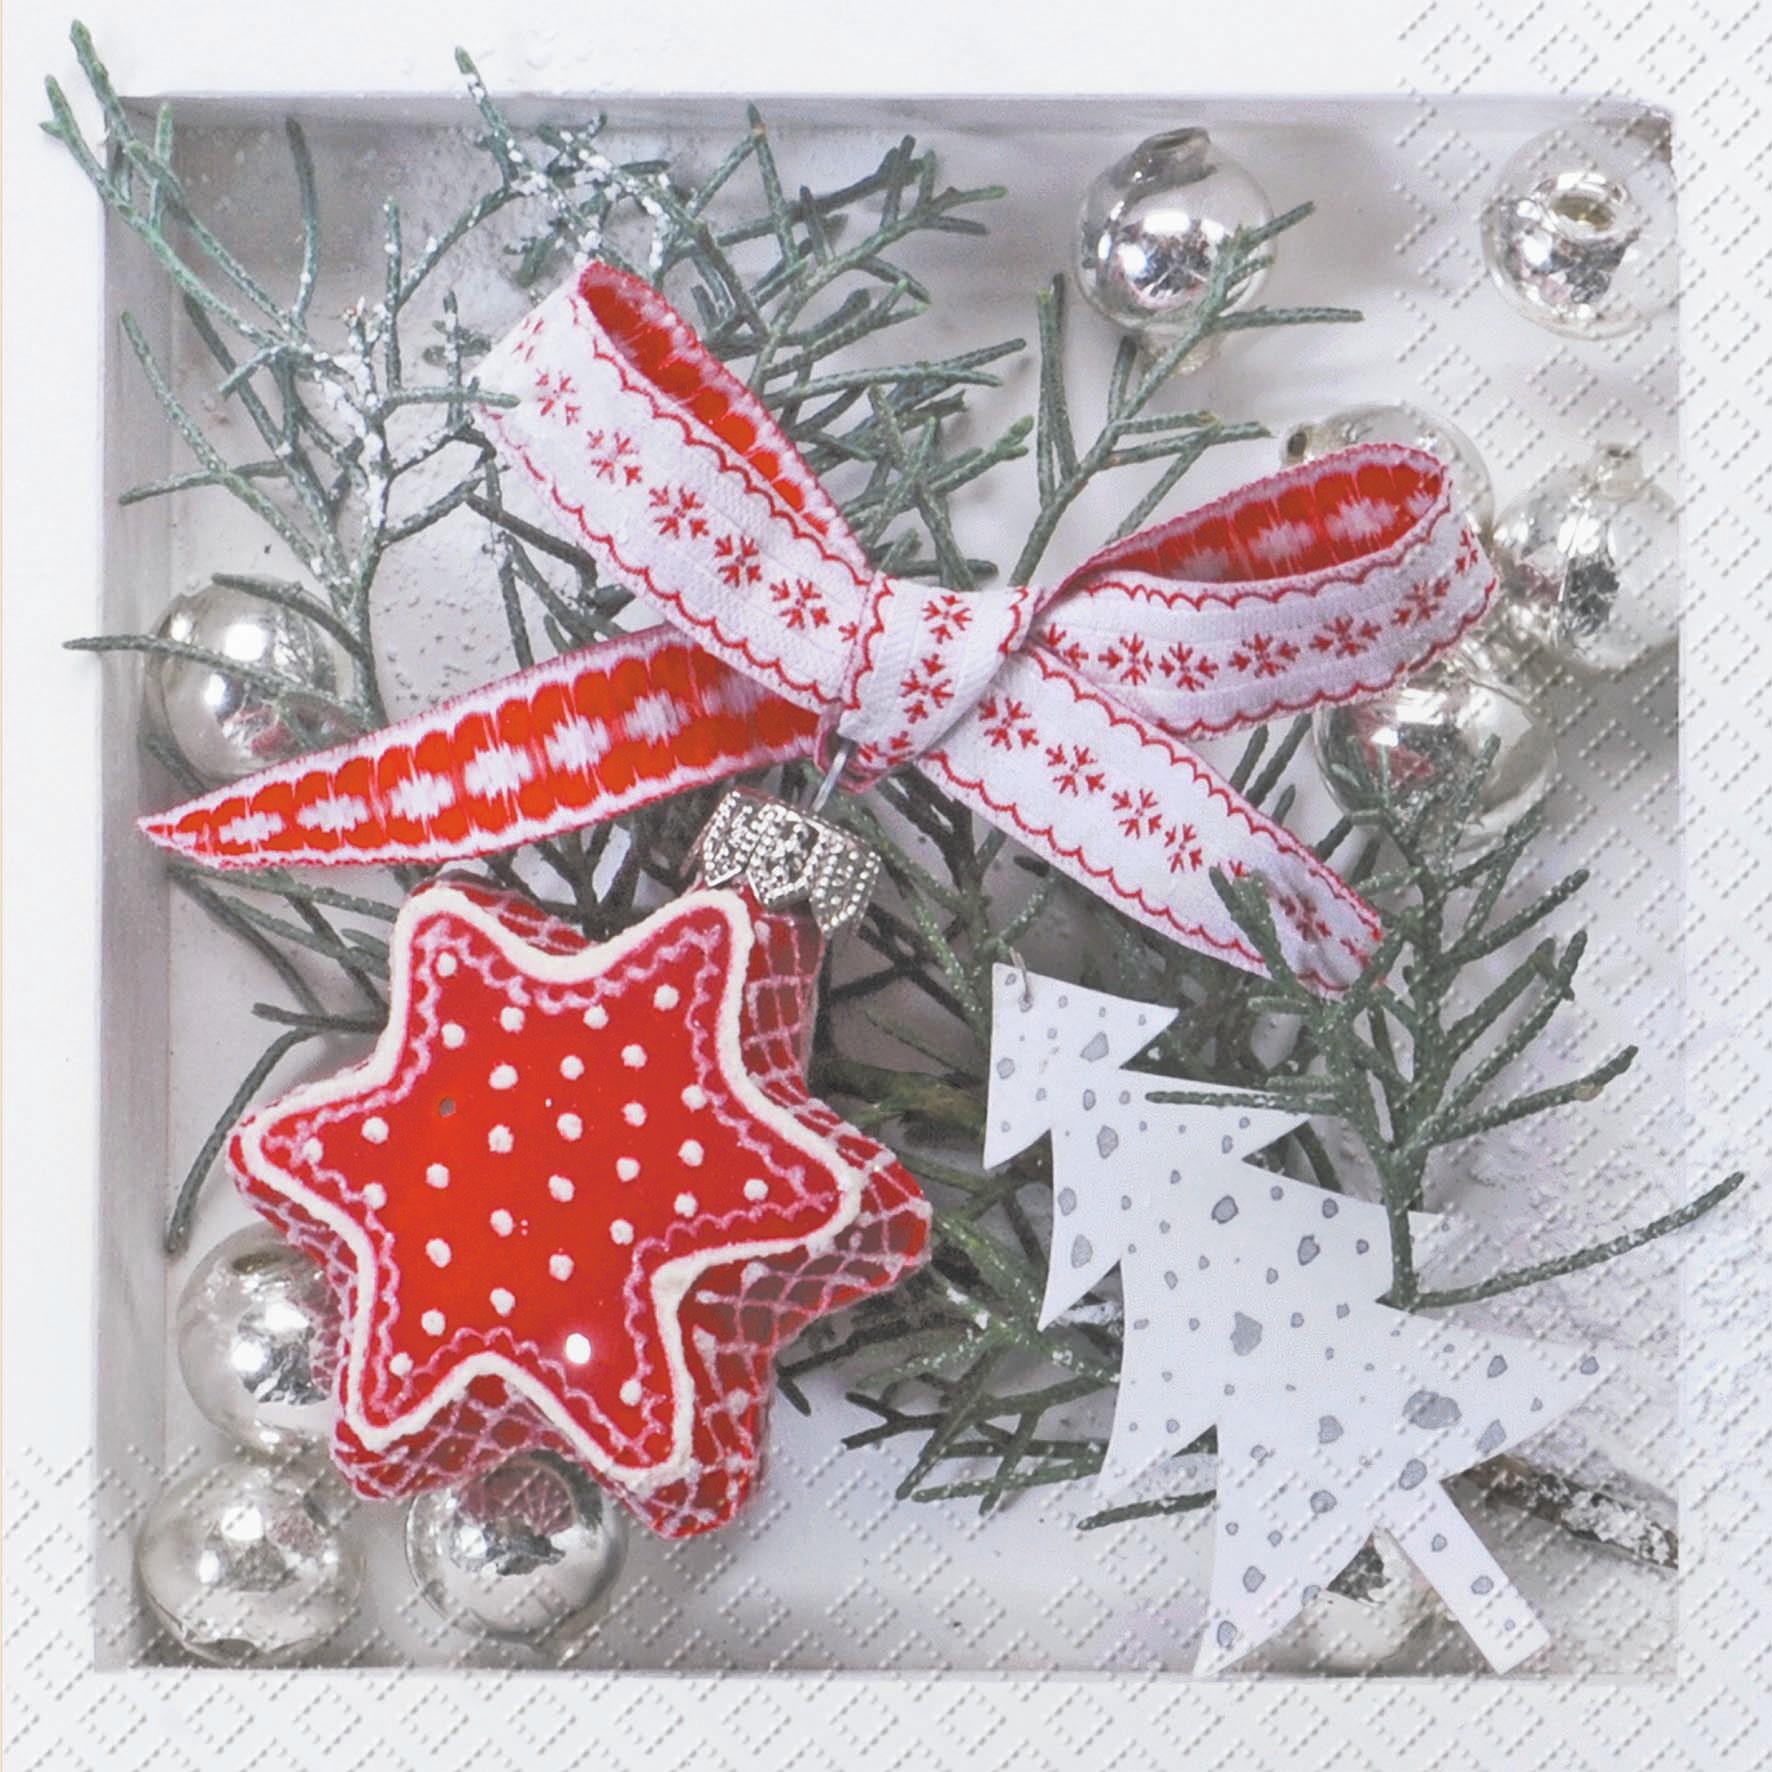 Lunch Servietten Anders ,  Weihnachten - Sterne,  Weihnachten - Weihnachtsbaum,  Weihnachten - Baumschmuck,  Weihnachten,  lunchservietten,  Sterne,  Zweige,  Tannenbaum